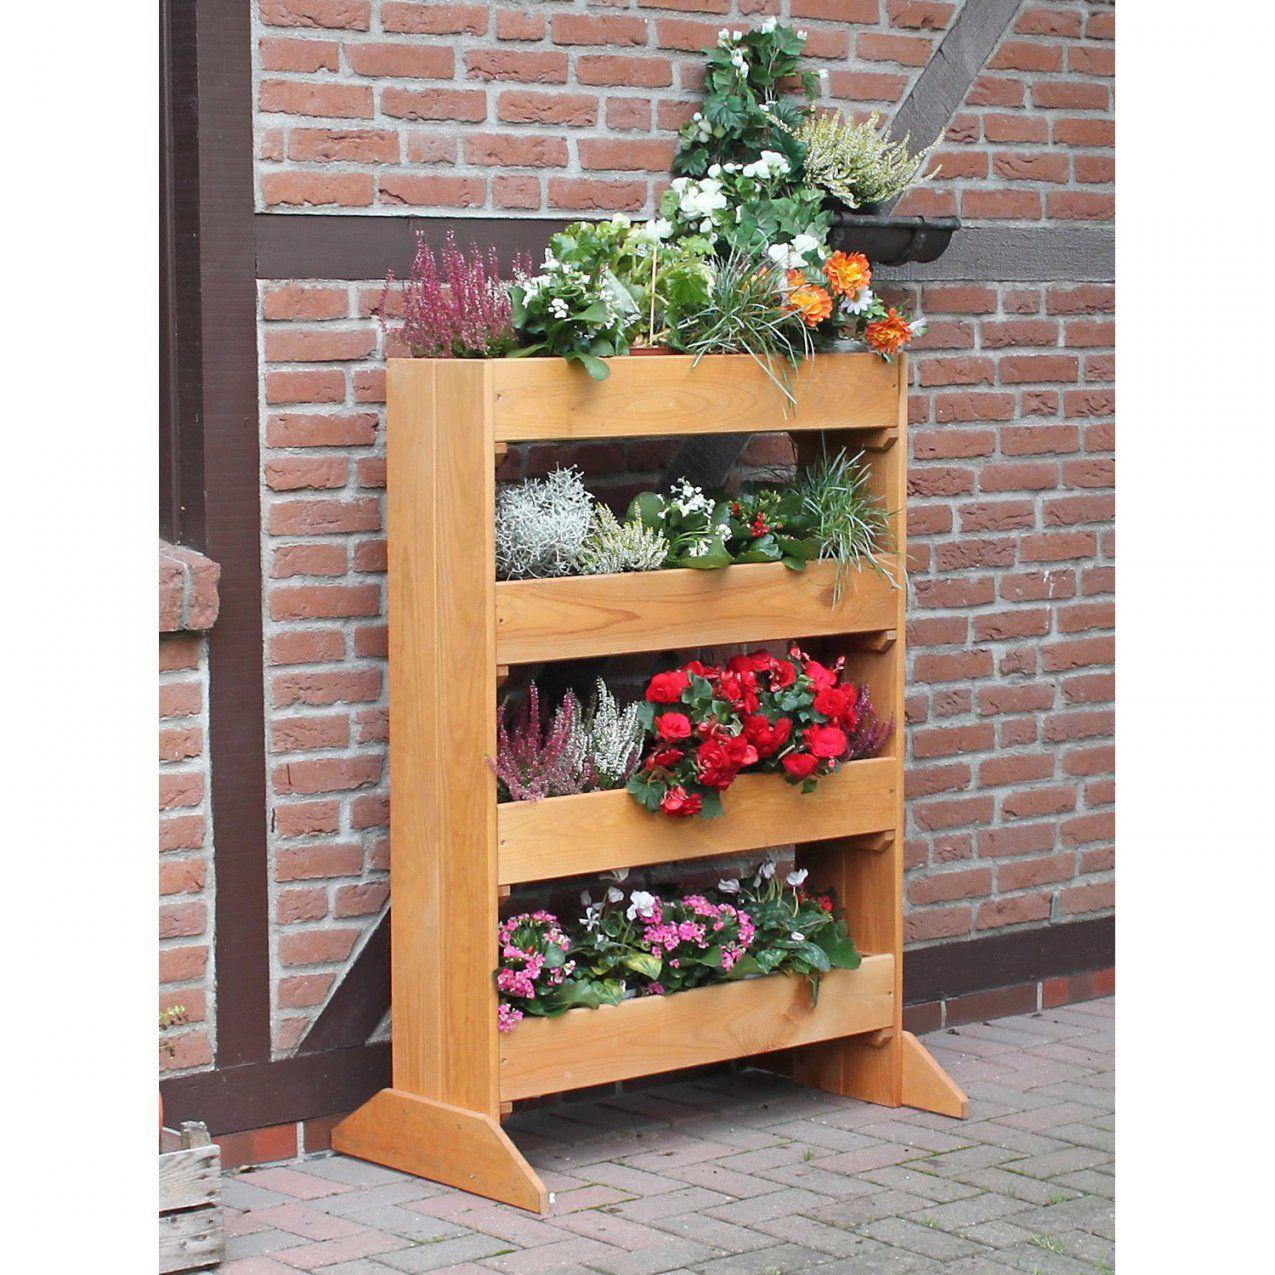 Neu Blumenregal Selber Bauen Design von Blumenständer Holz Selber Bauen Bild